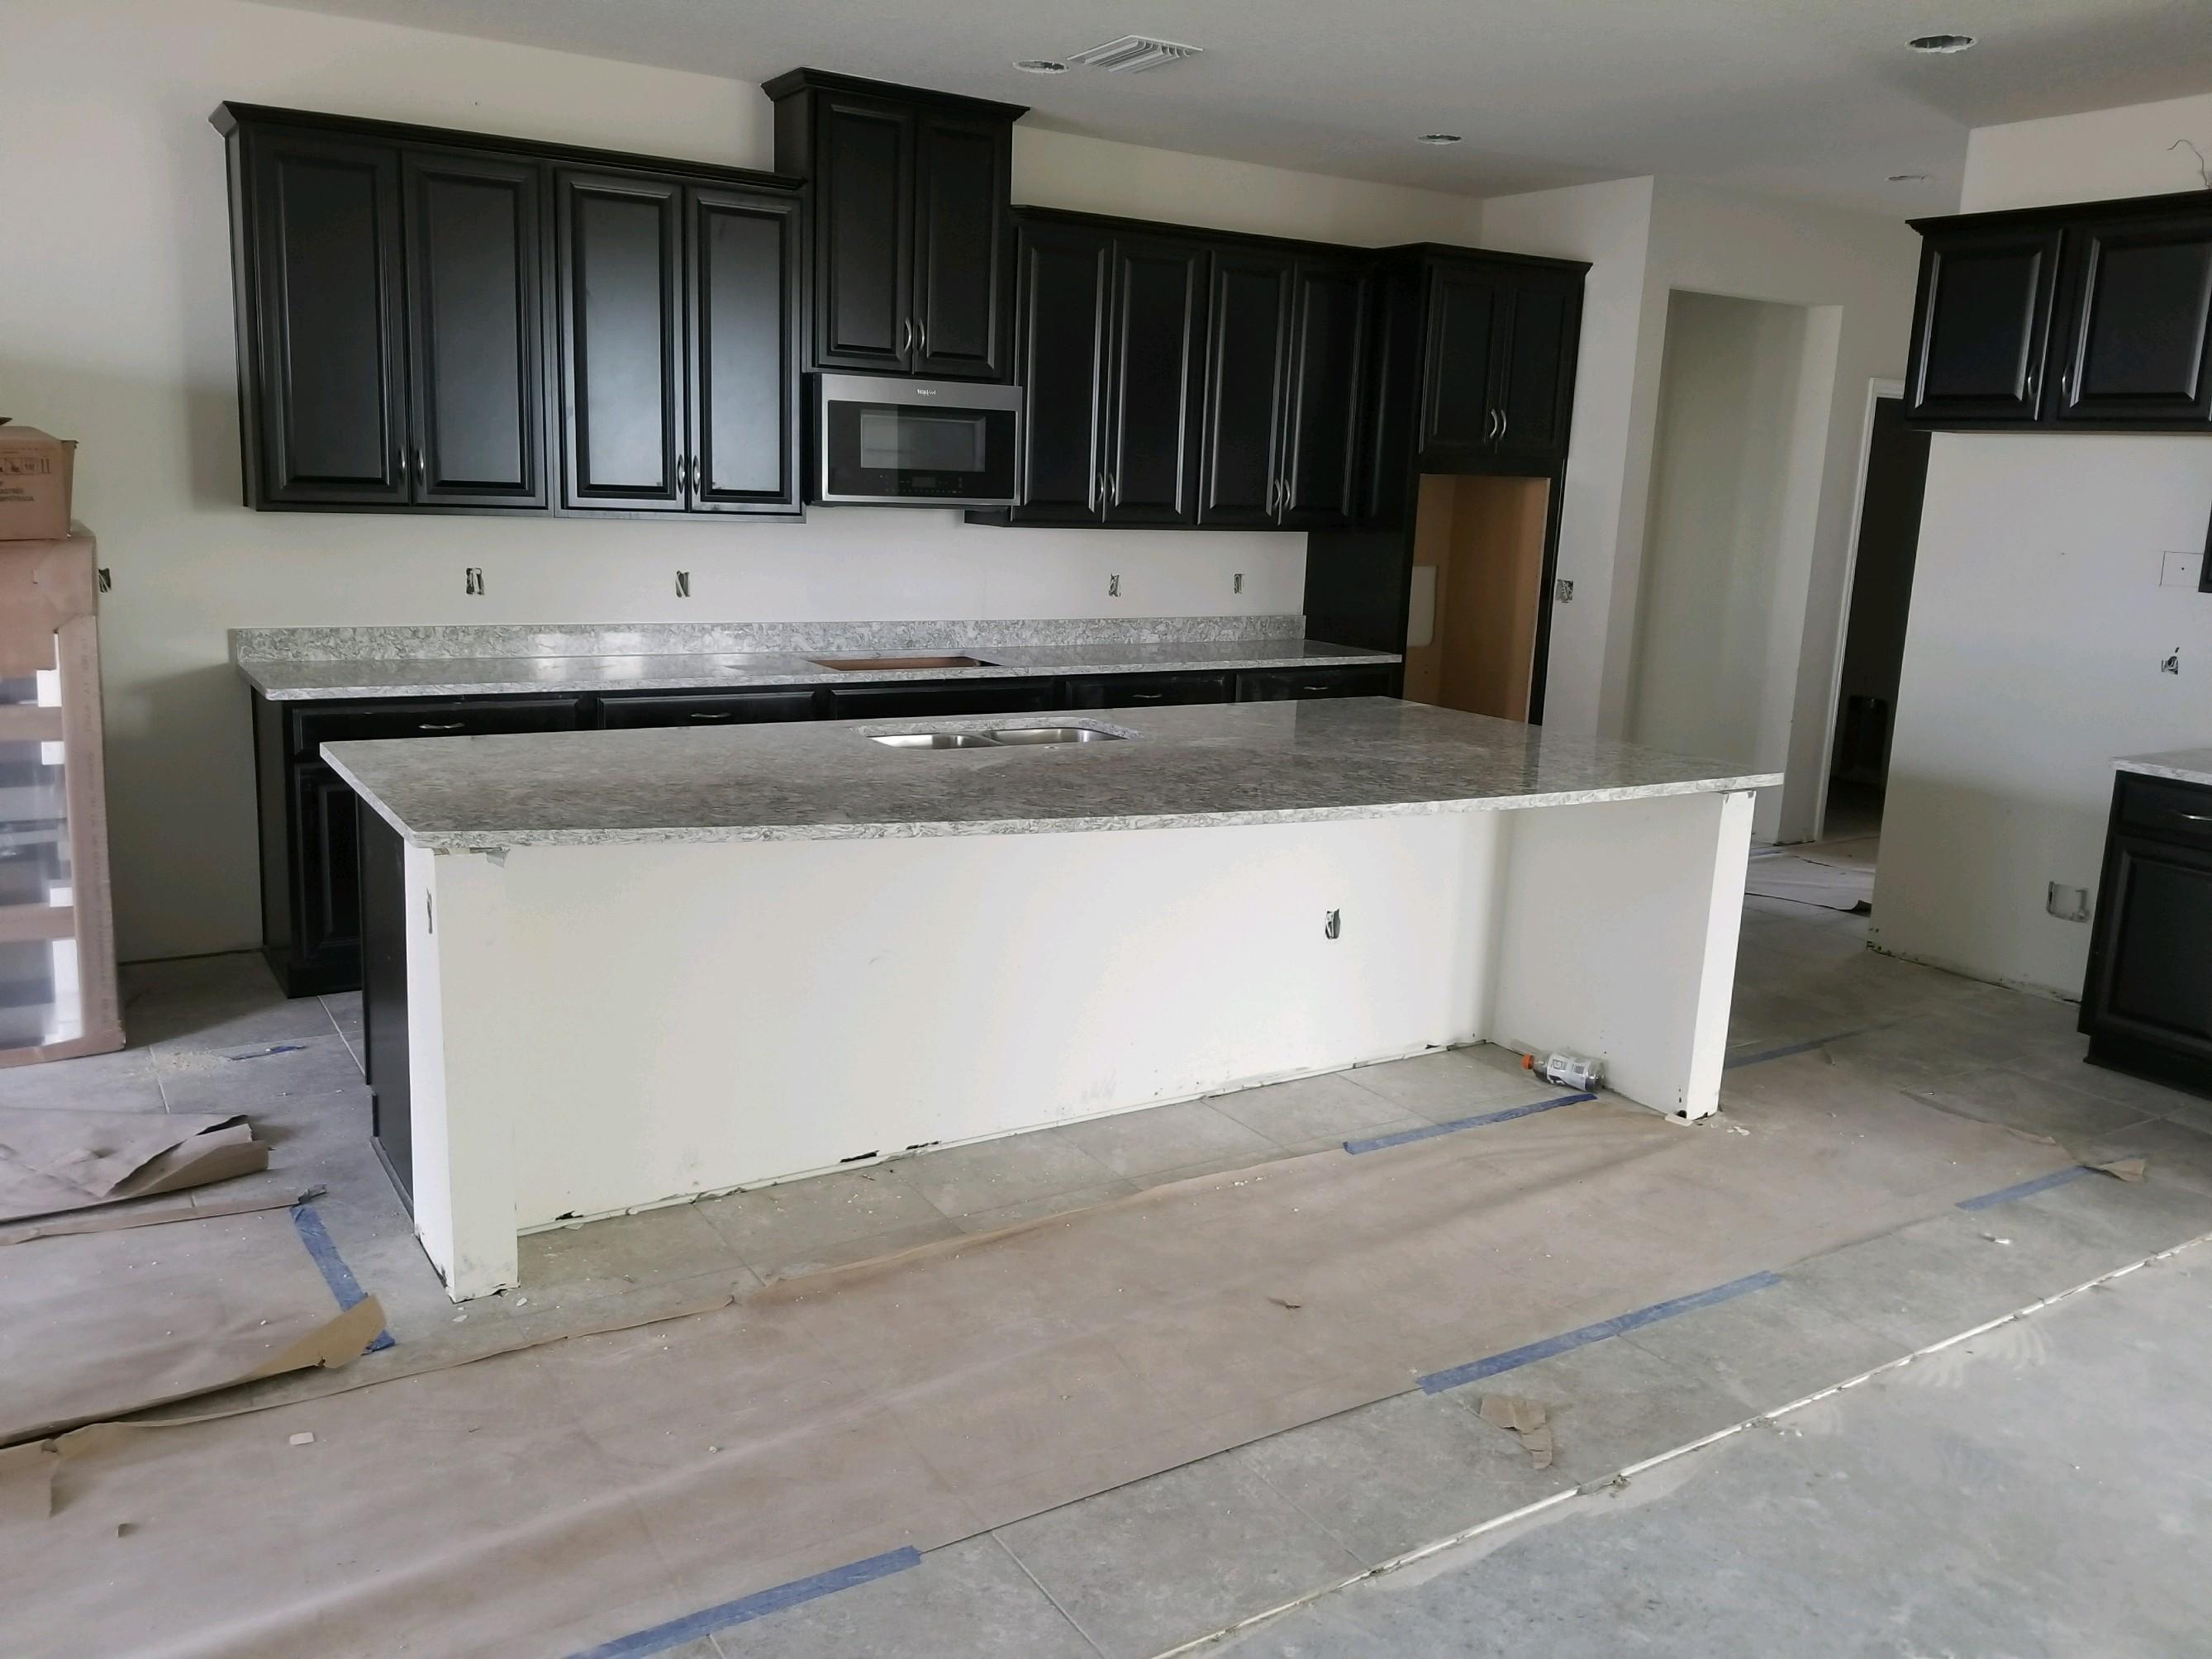 Cambria Berwyn quartz kitchen counter tops in Tampa Fl - A&S Granite